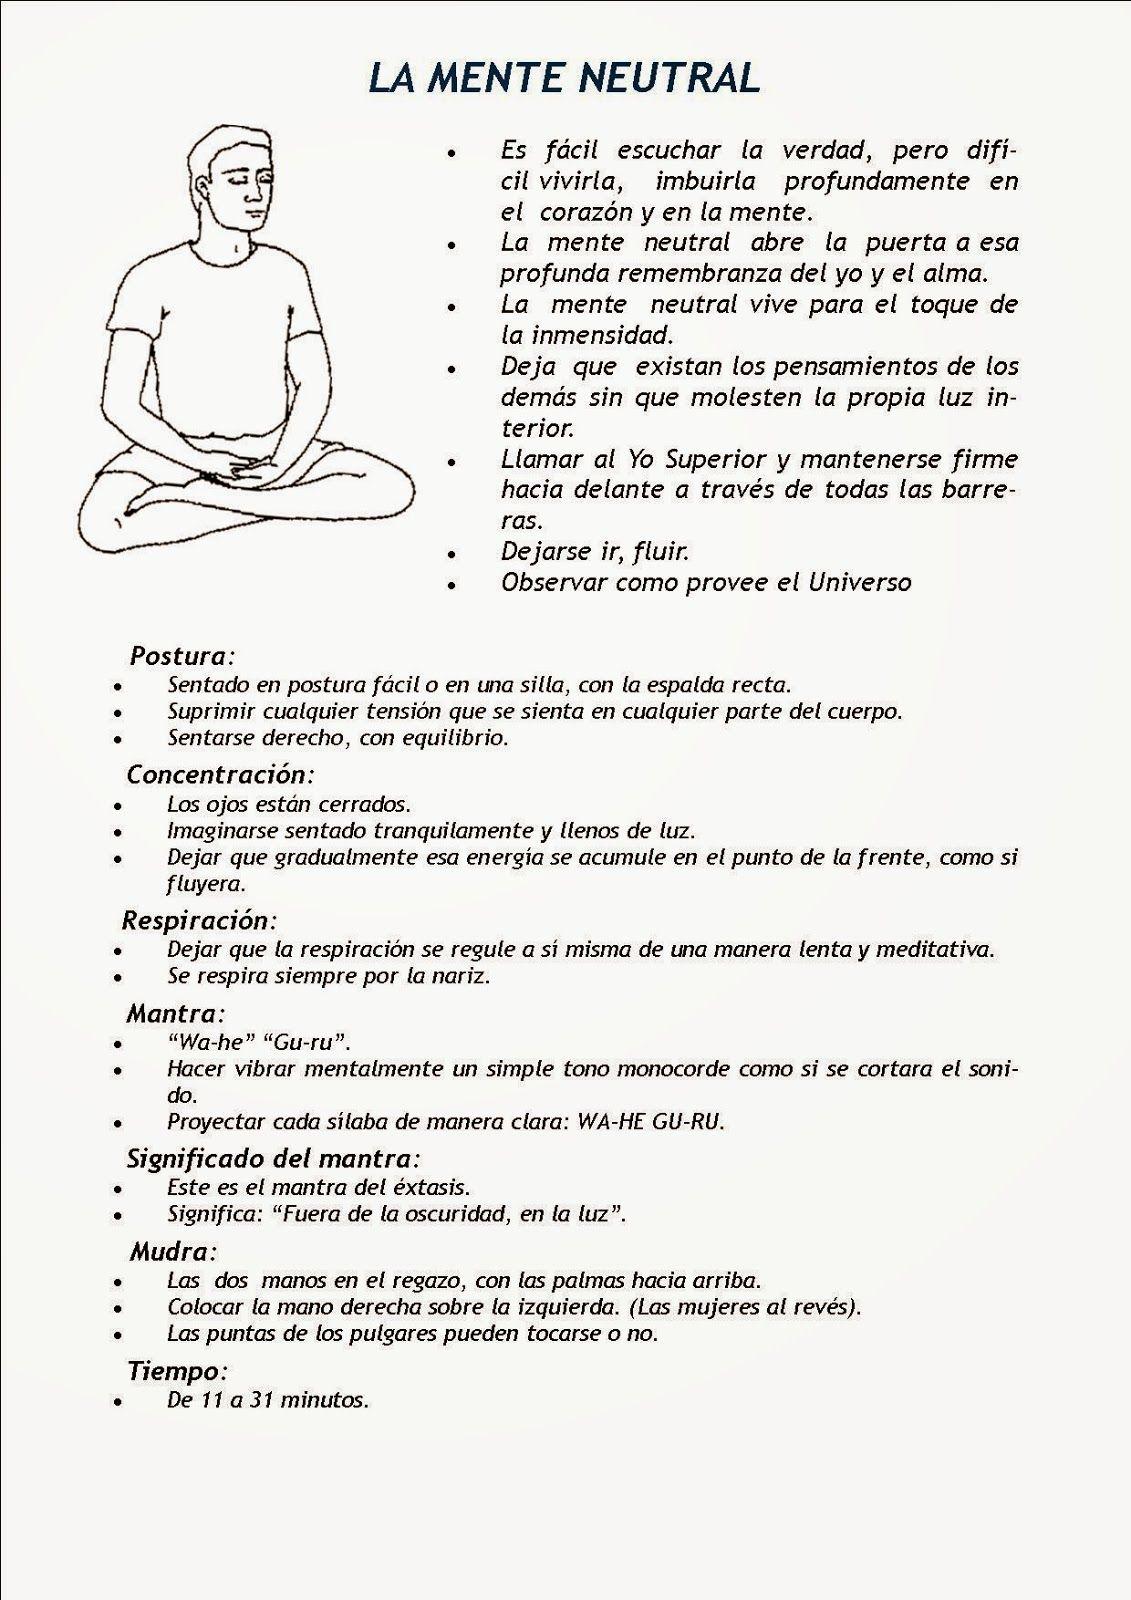 El Inca vuelve a casa: Meditaciones de Kundalini-Yoga | Kriyas